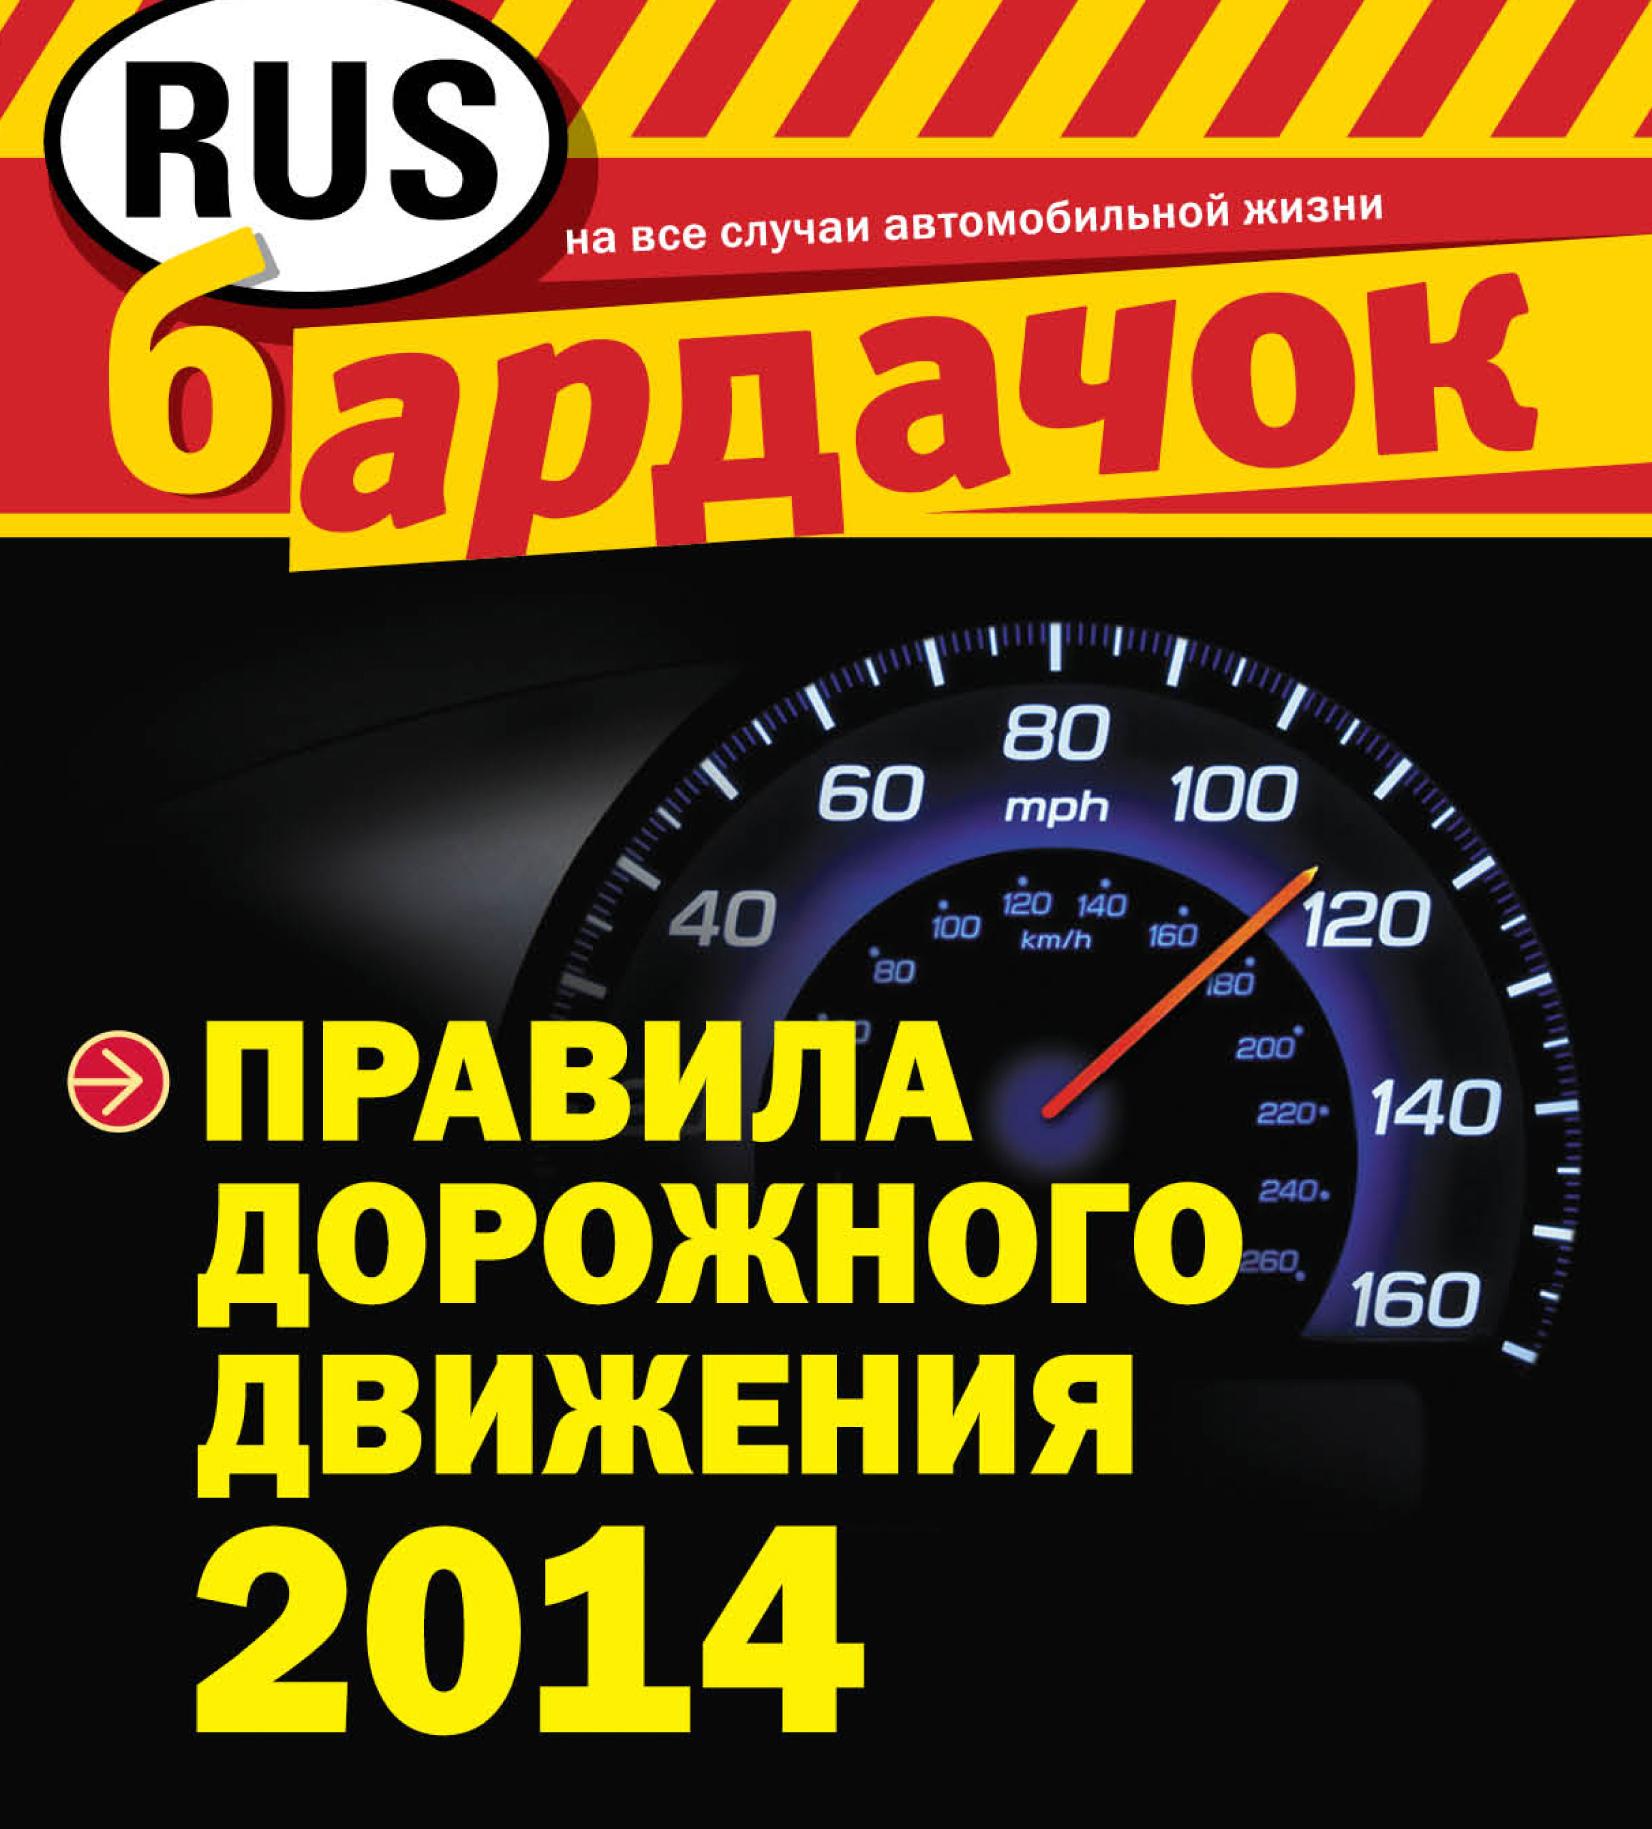 Отсутствует Правила дорожного движения 2014 отсутствует правила дорожного движения российской федерации по состоянию на 01 сентября 2014 г